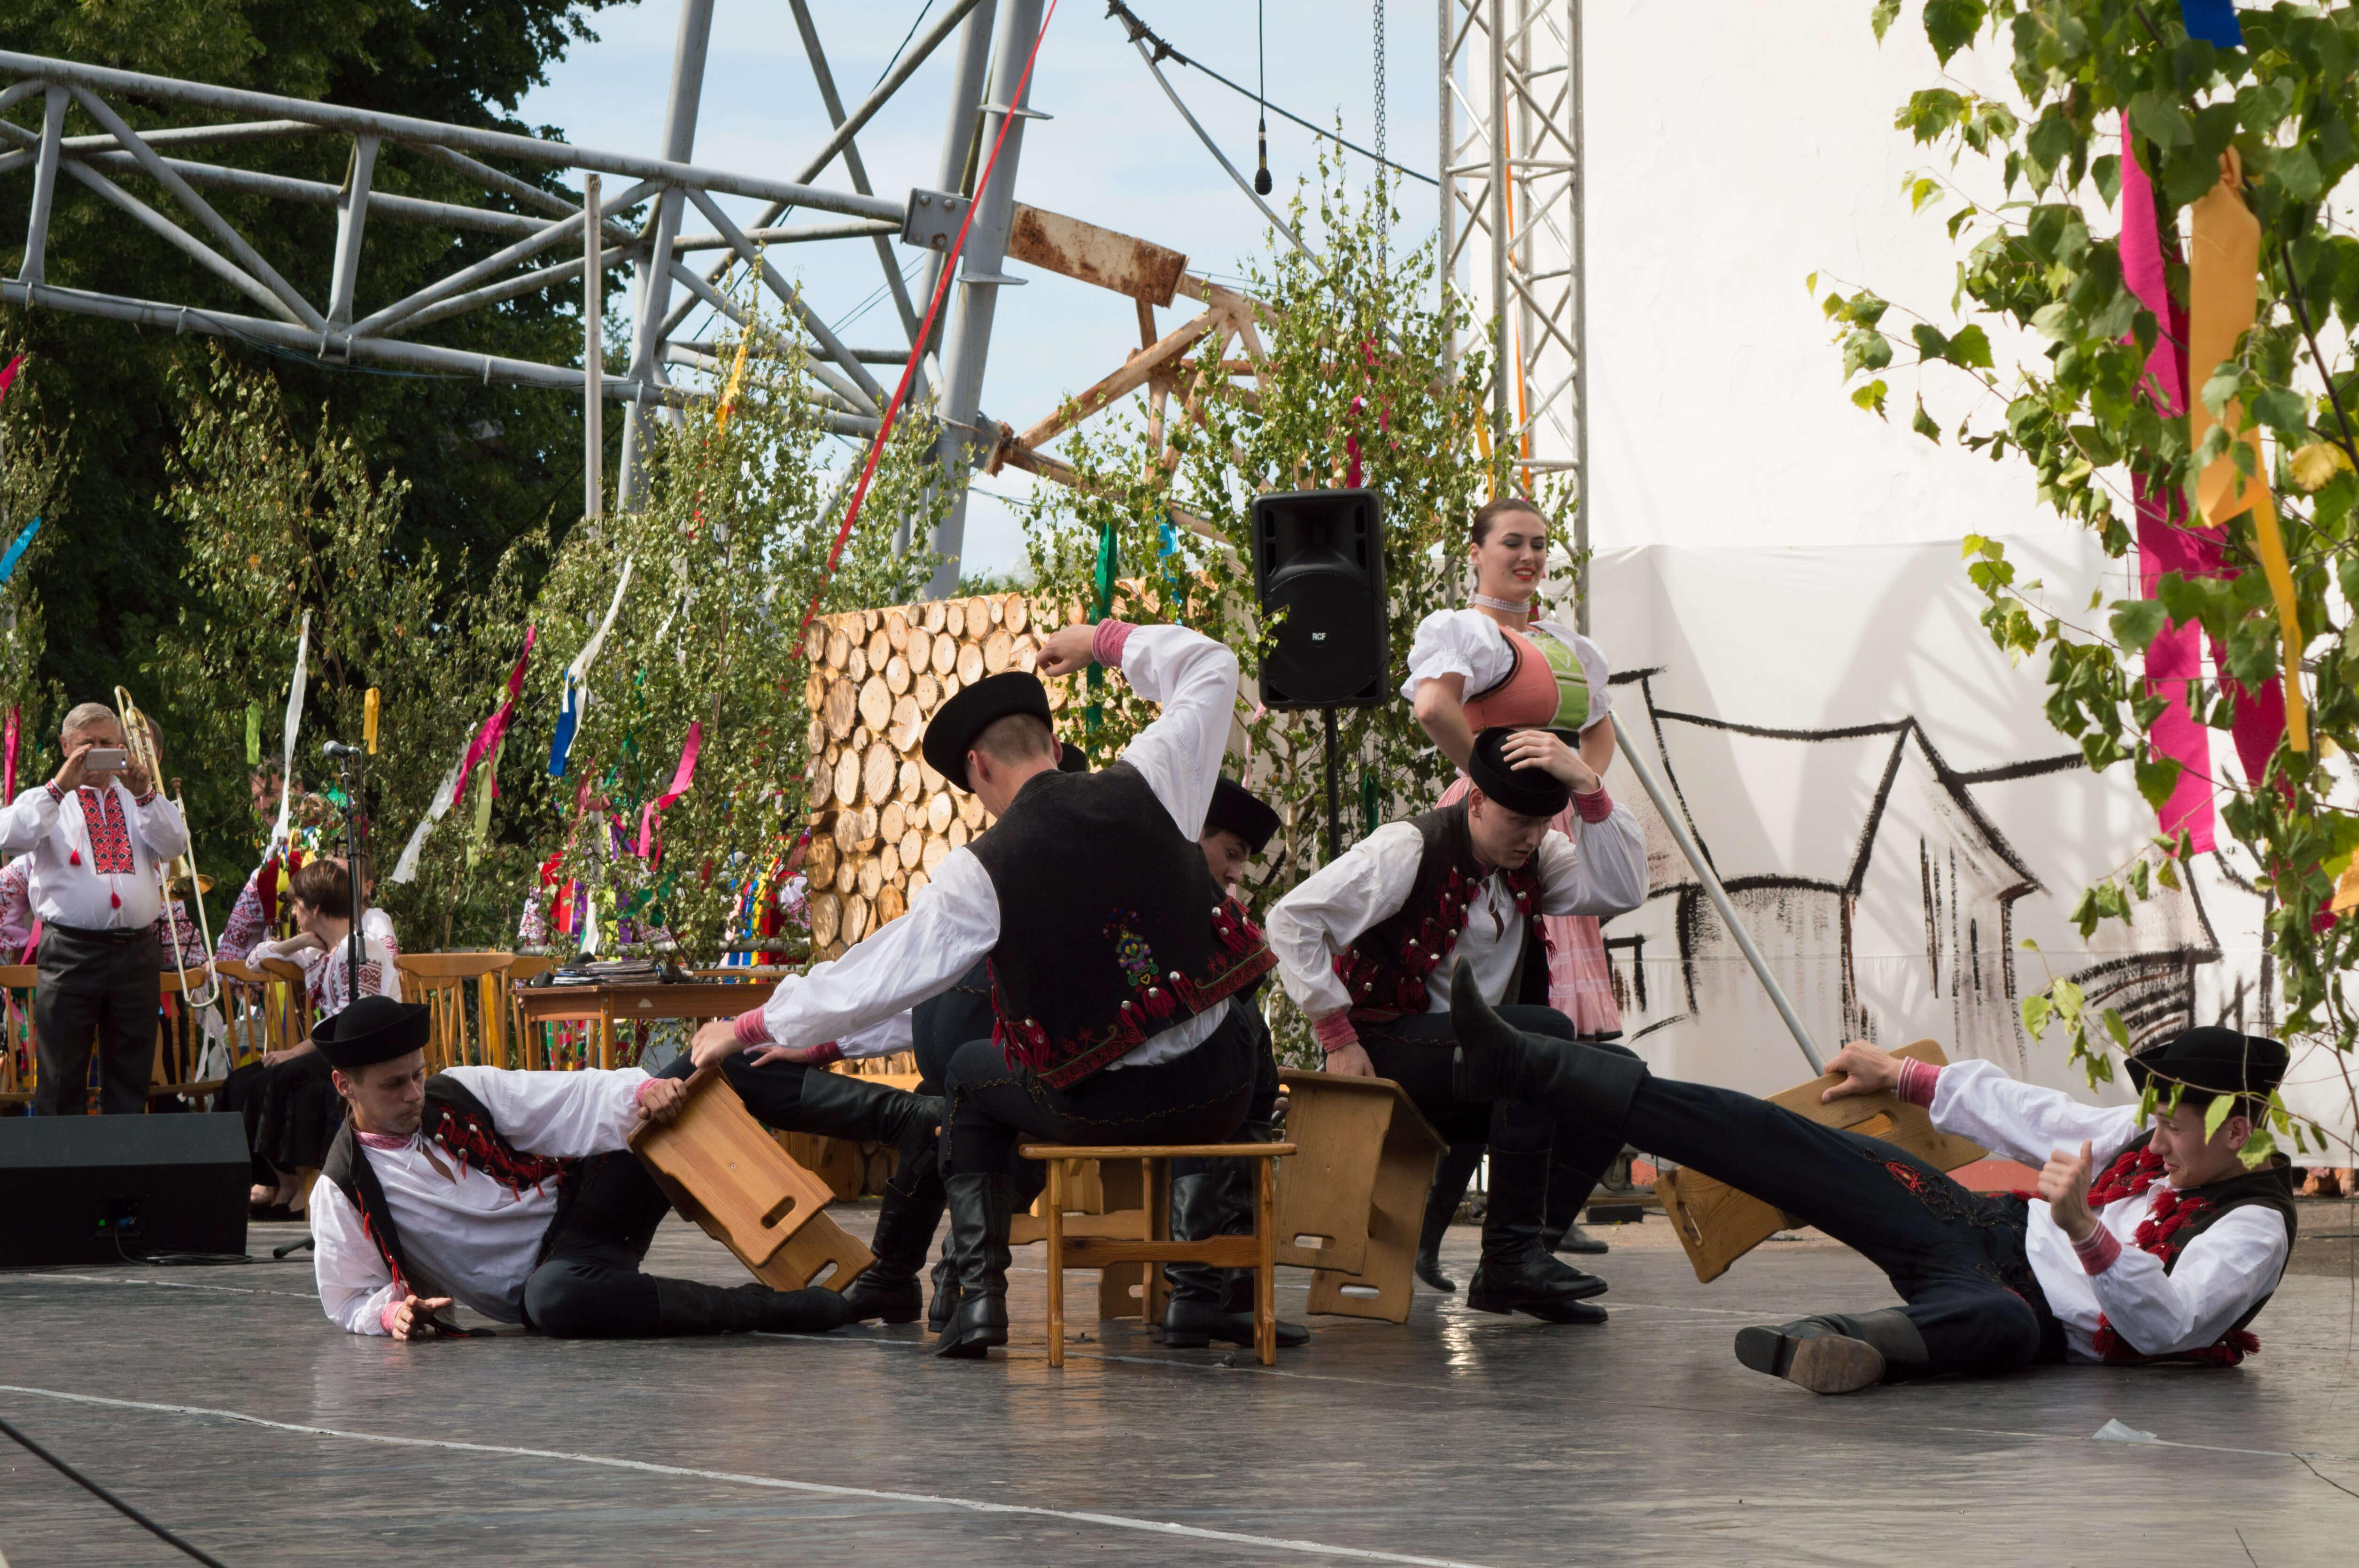 Slávnosti kultúry rusínov-ukrajincov Slovenska - Svidník 2018_1